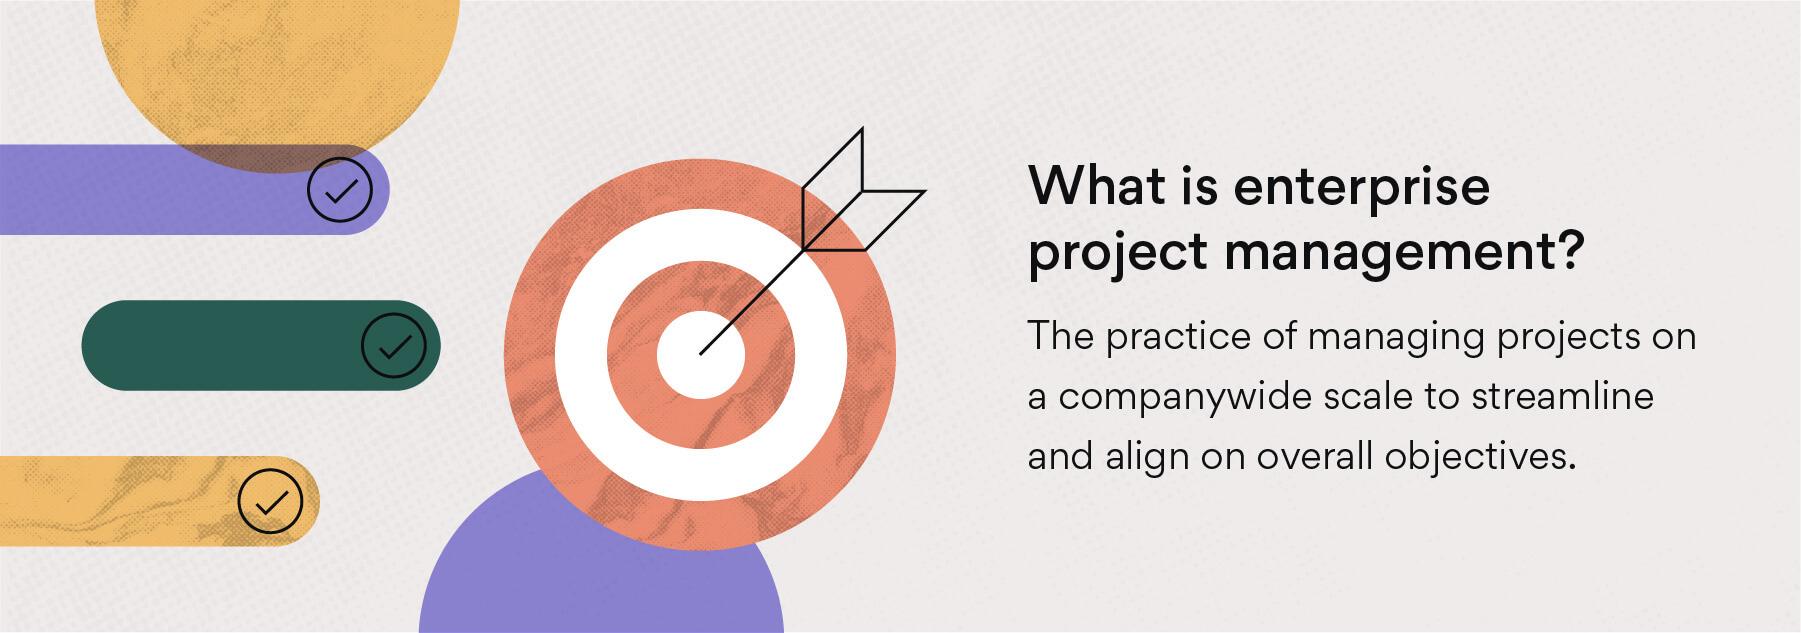 What is enterprise project management?